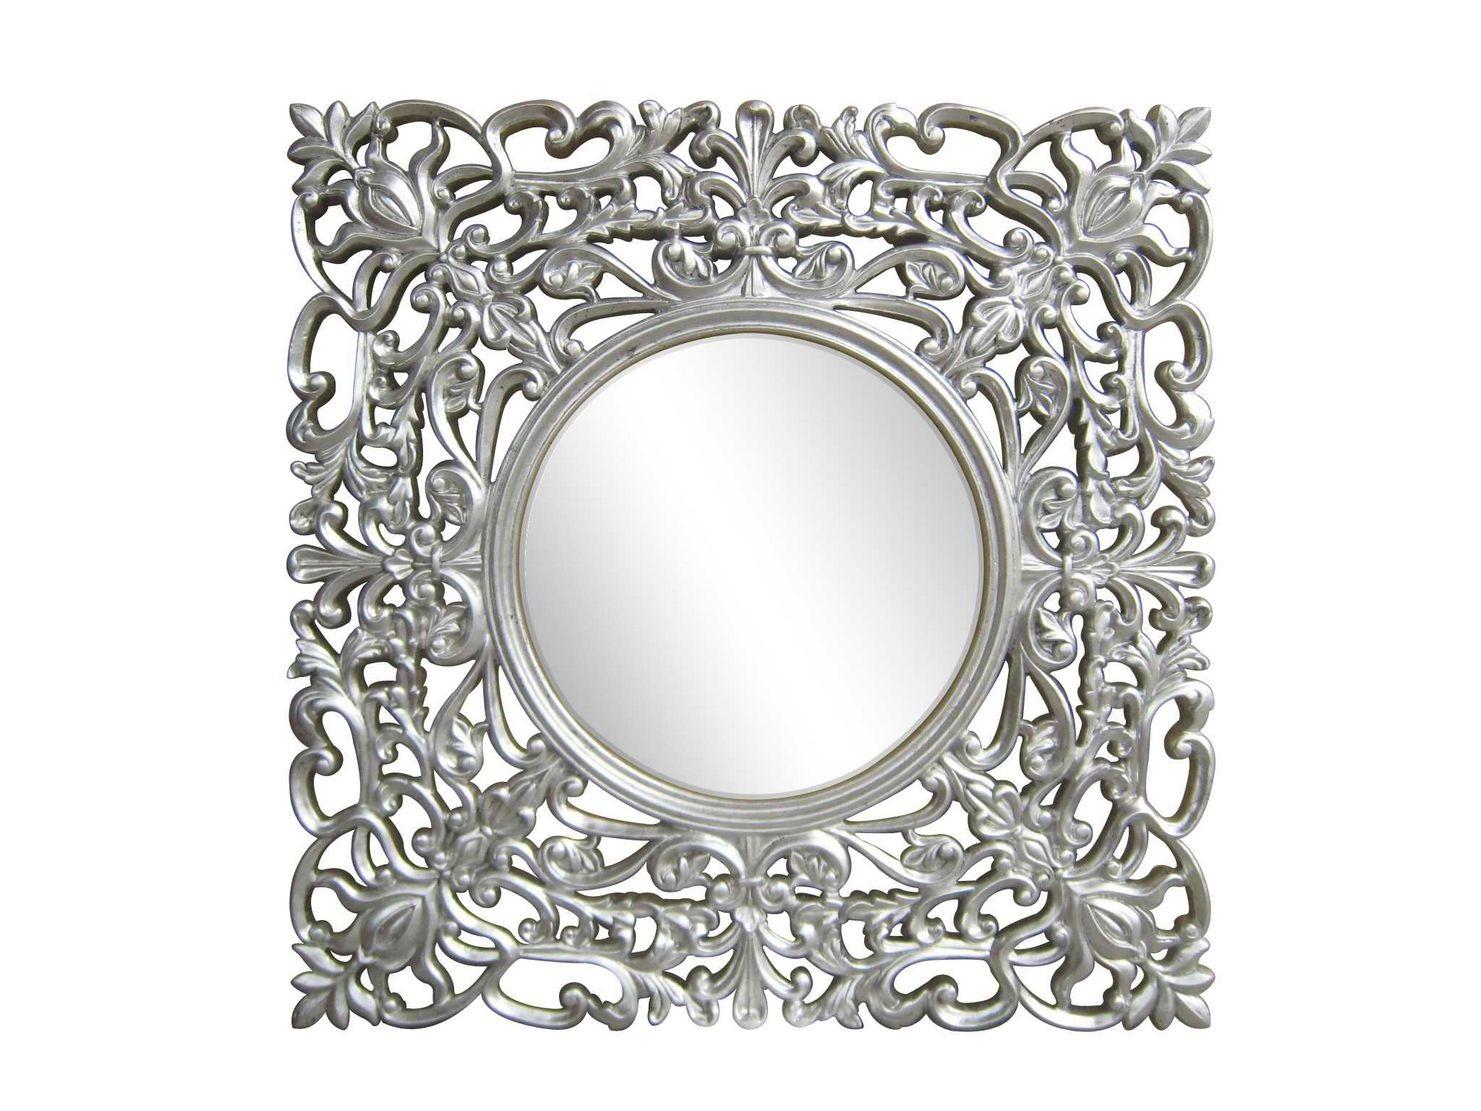 Зеркало ArgentoНастенные зеркала<br>Элегантность и функциональность ? это идеальное сочетание объединилось при создании данного зеркала. Зеркало &amp;quot;Argento&amp;quot; визуально сделает комнату просторнее и светлее.<br><br>Material: Полистоун<br>Length см: 111<br>Width см: 3<br>Height см: 111